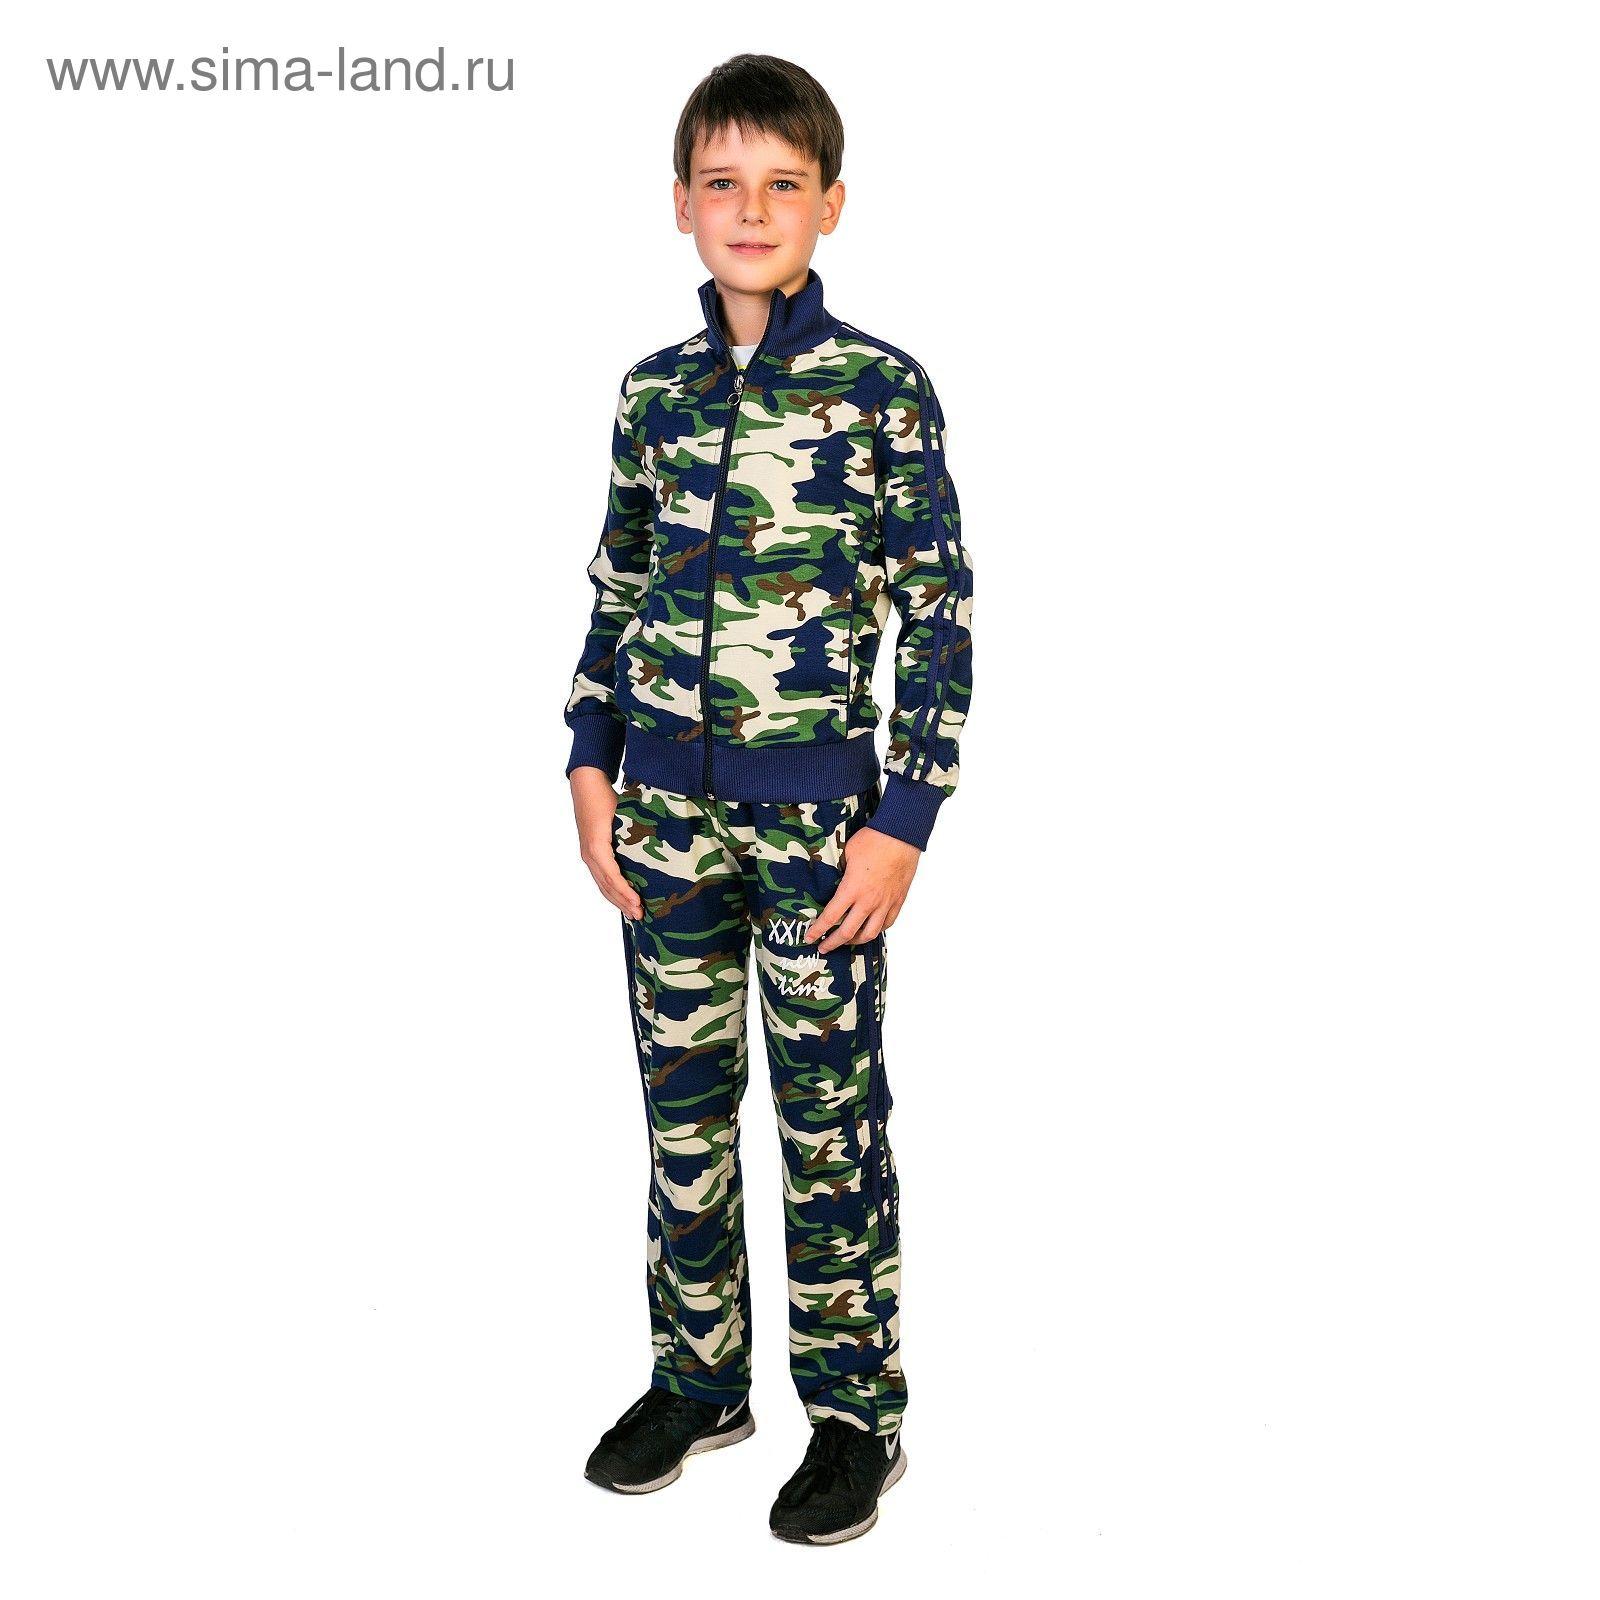 7657e6bf8e9c Спортивный костюм для мальчика, рост 140 см (72), цвет камуфляж 33 ...